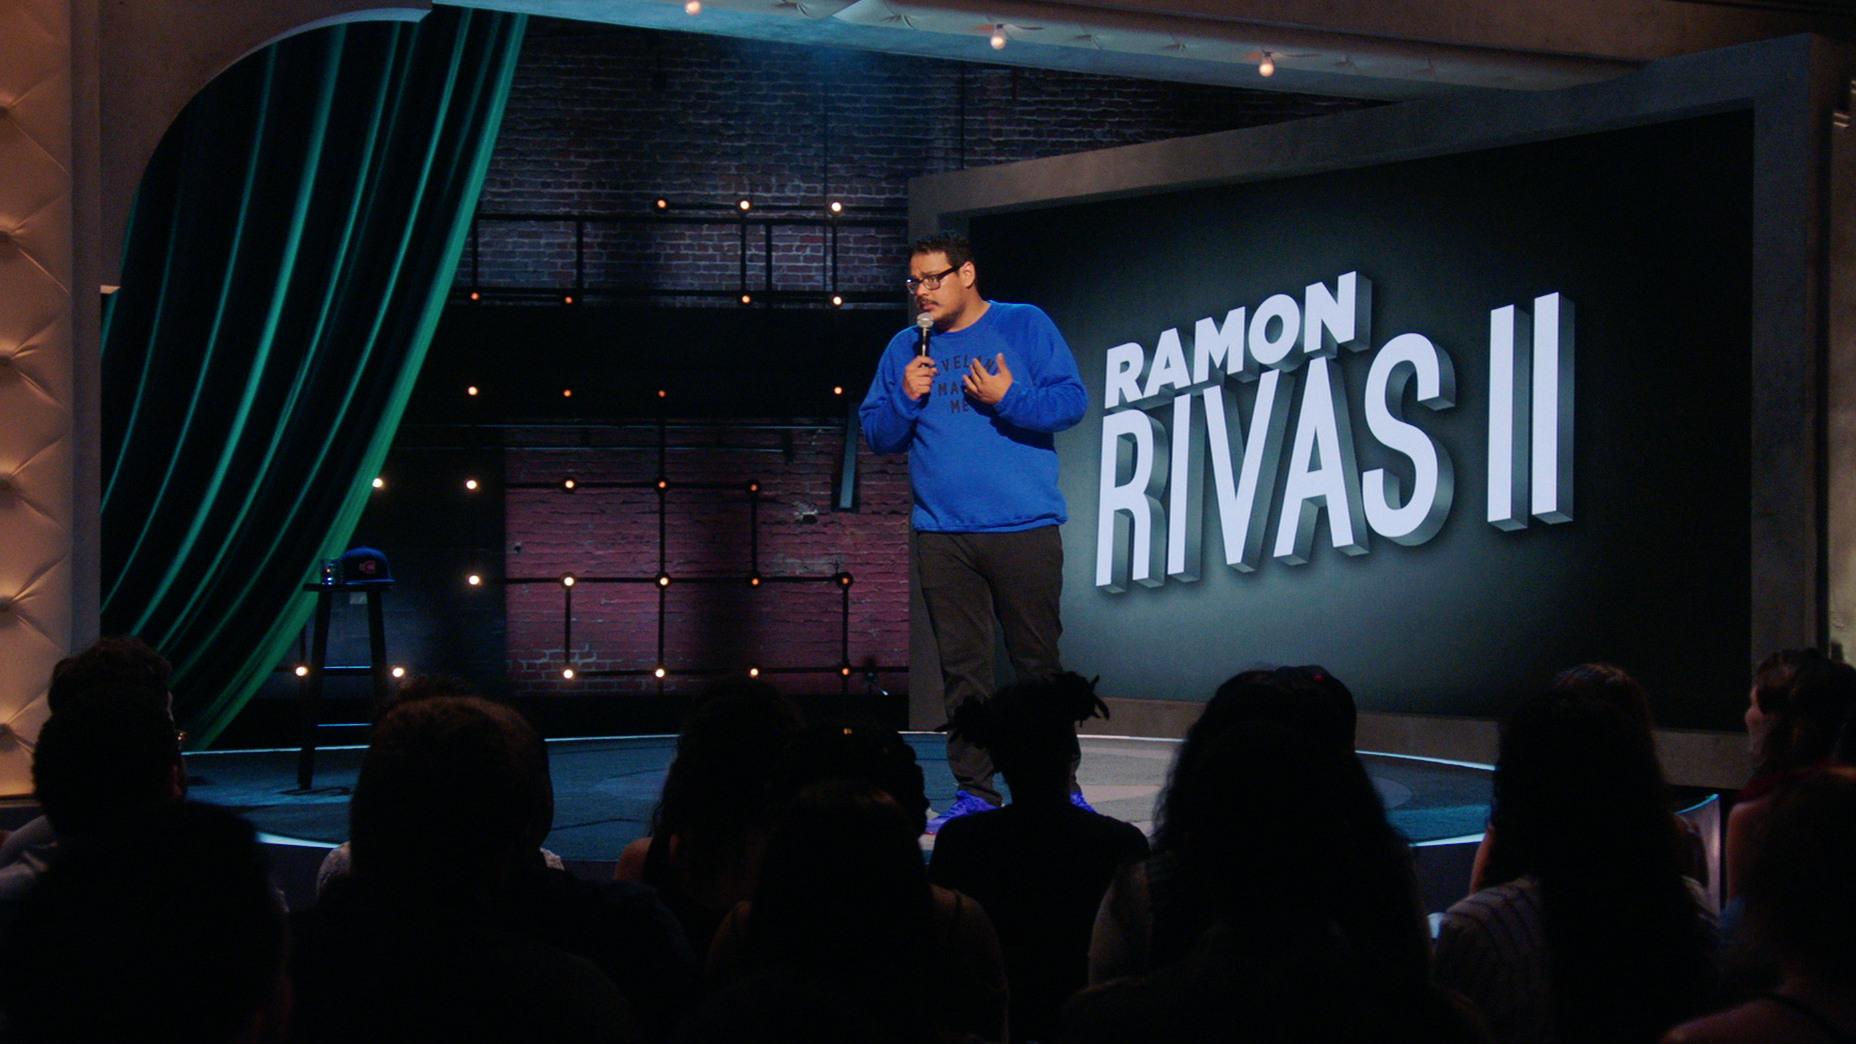 Ramon Rivas II